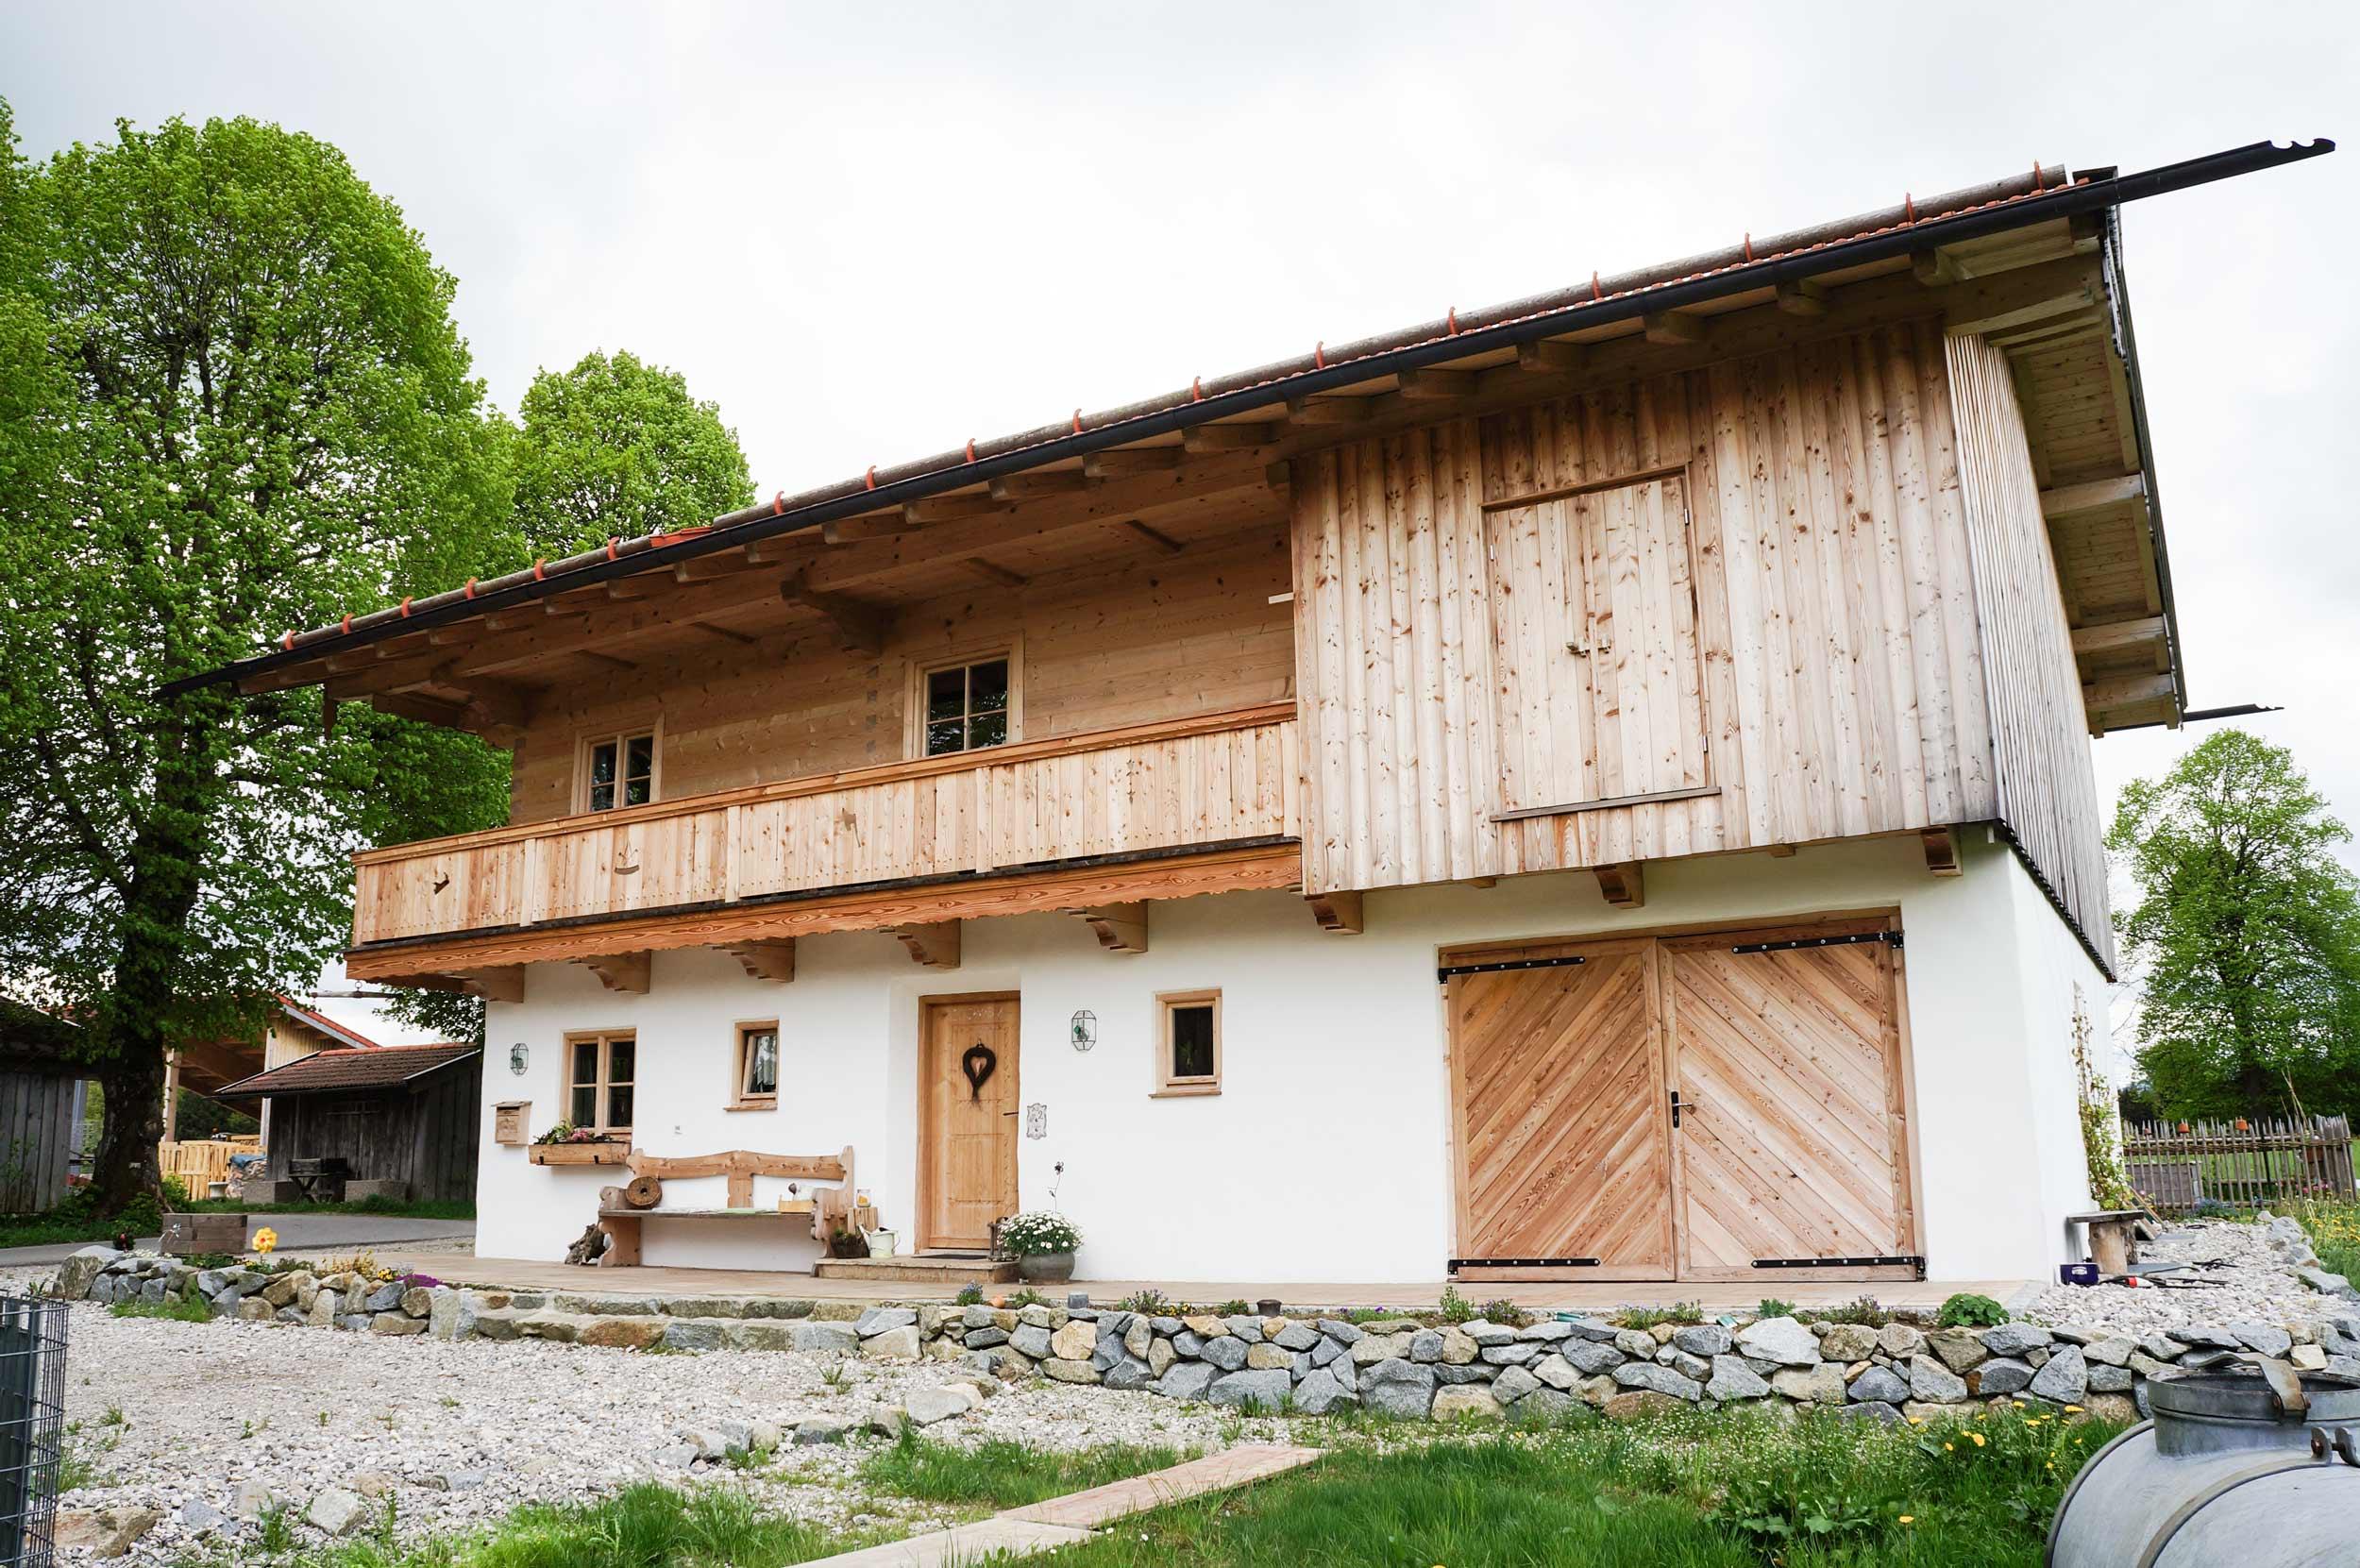 zimmerei-stoib-holzbau-holzhaus-blockhaus-blockbau-holz-traditionell-oberbayern-balkon-04.jpg